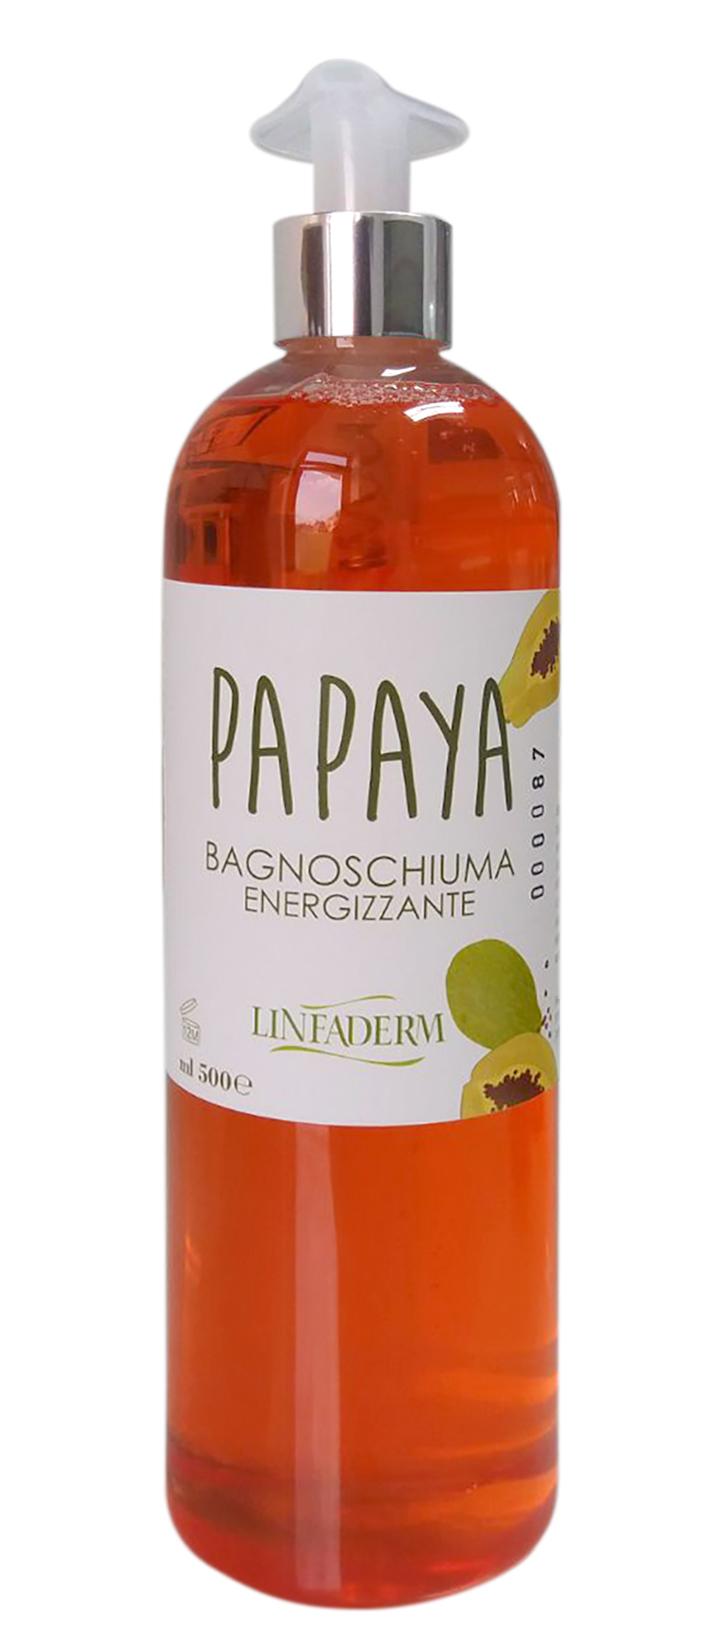 bagnoschiuma papaya